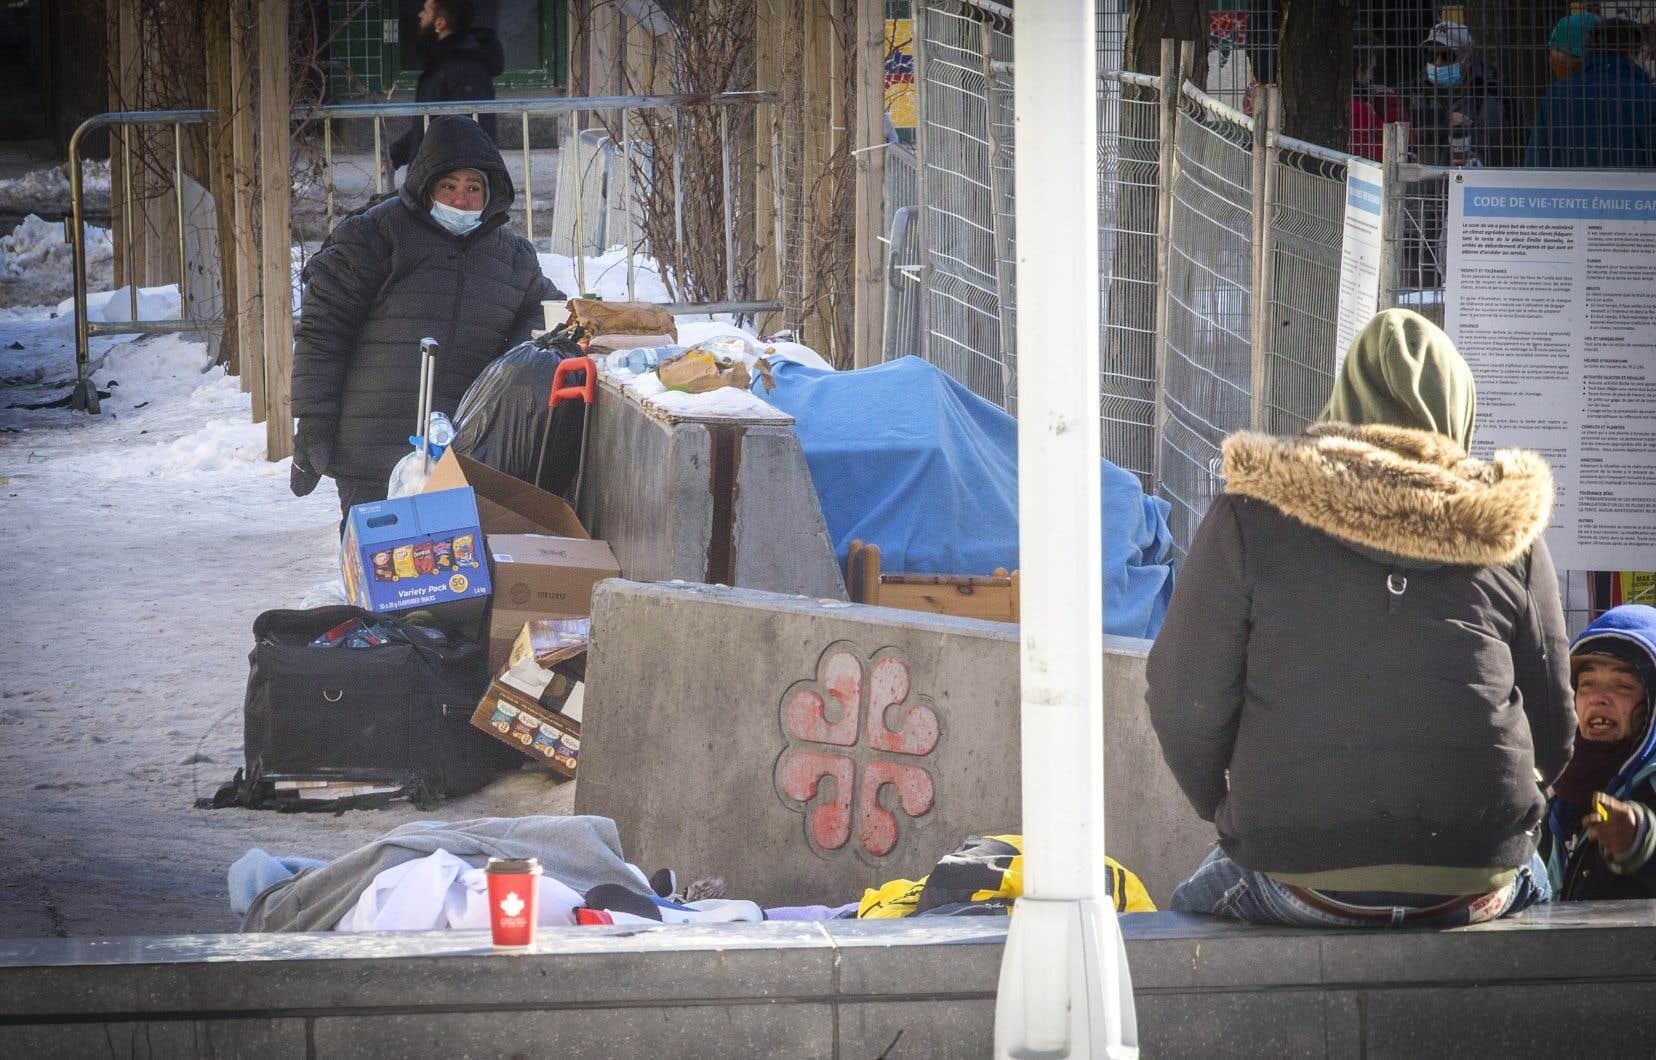 La Clinique juridique itinérante a déposé une requête en Cour supérieure pour forcer Québec à exempter les sans-abri de l'application du couvre-feu.